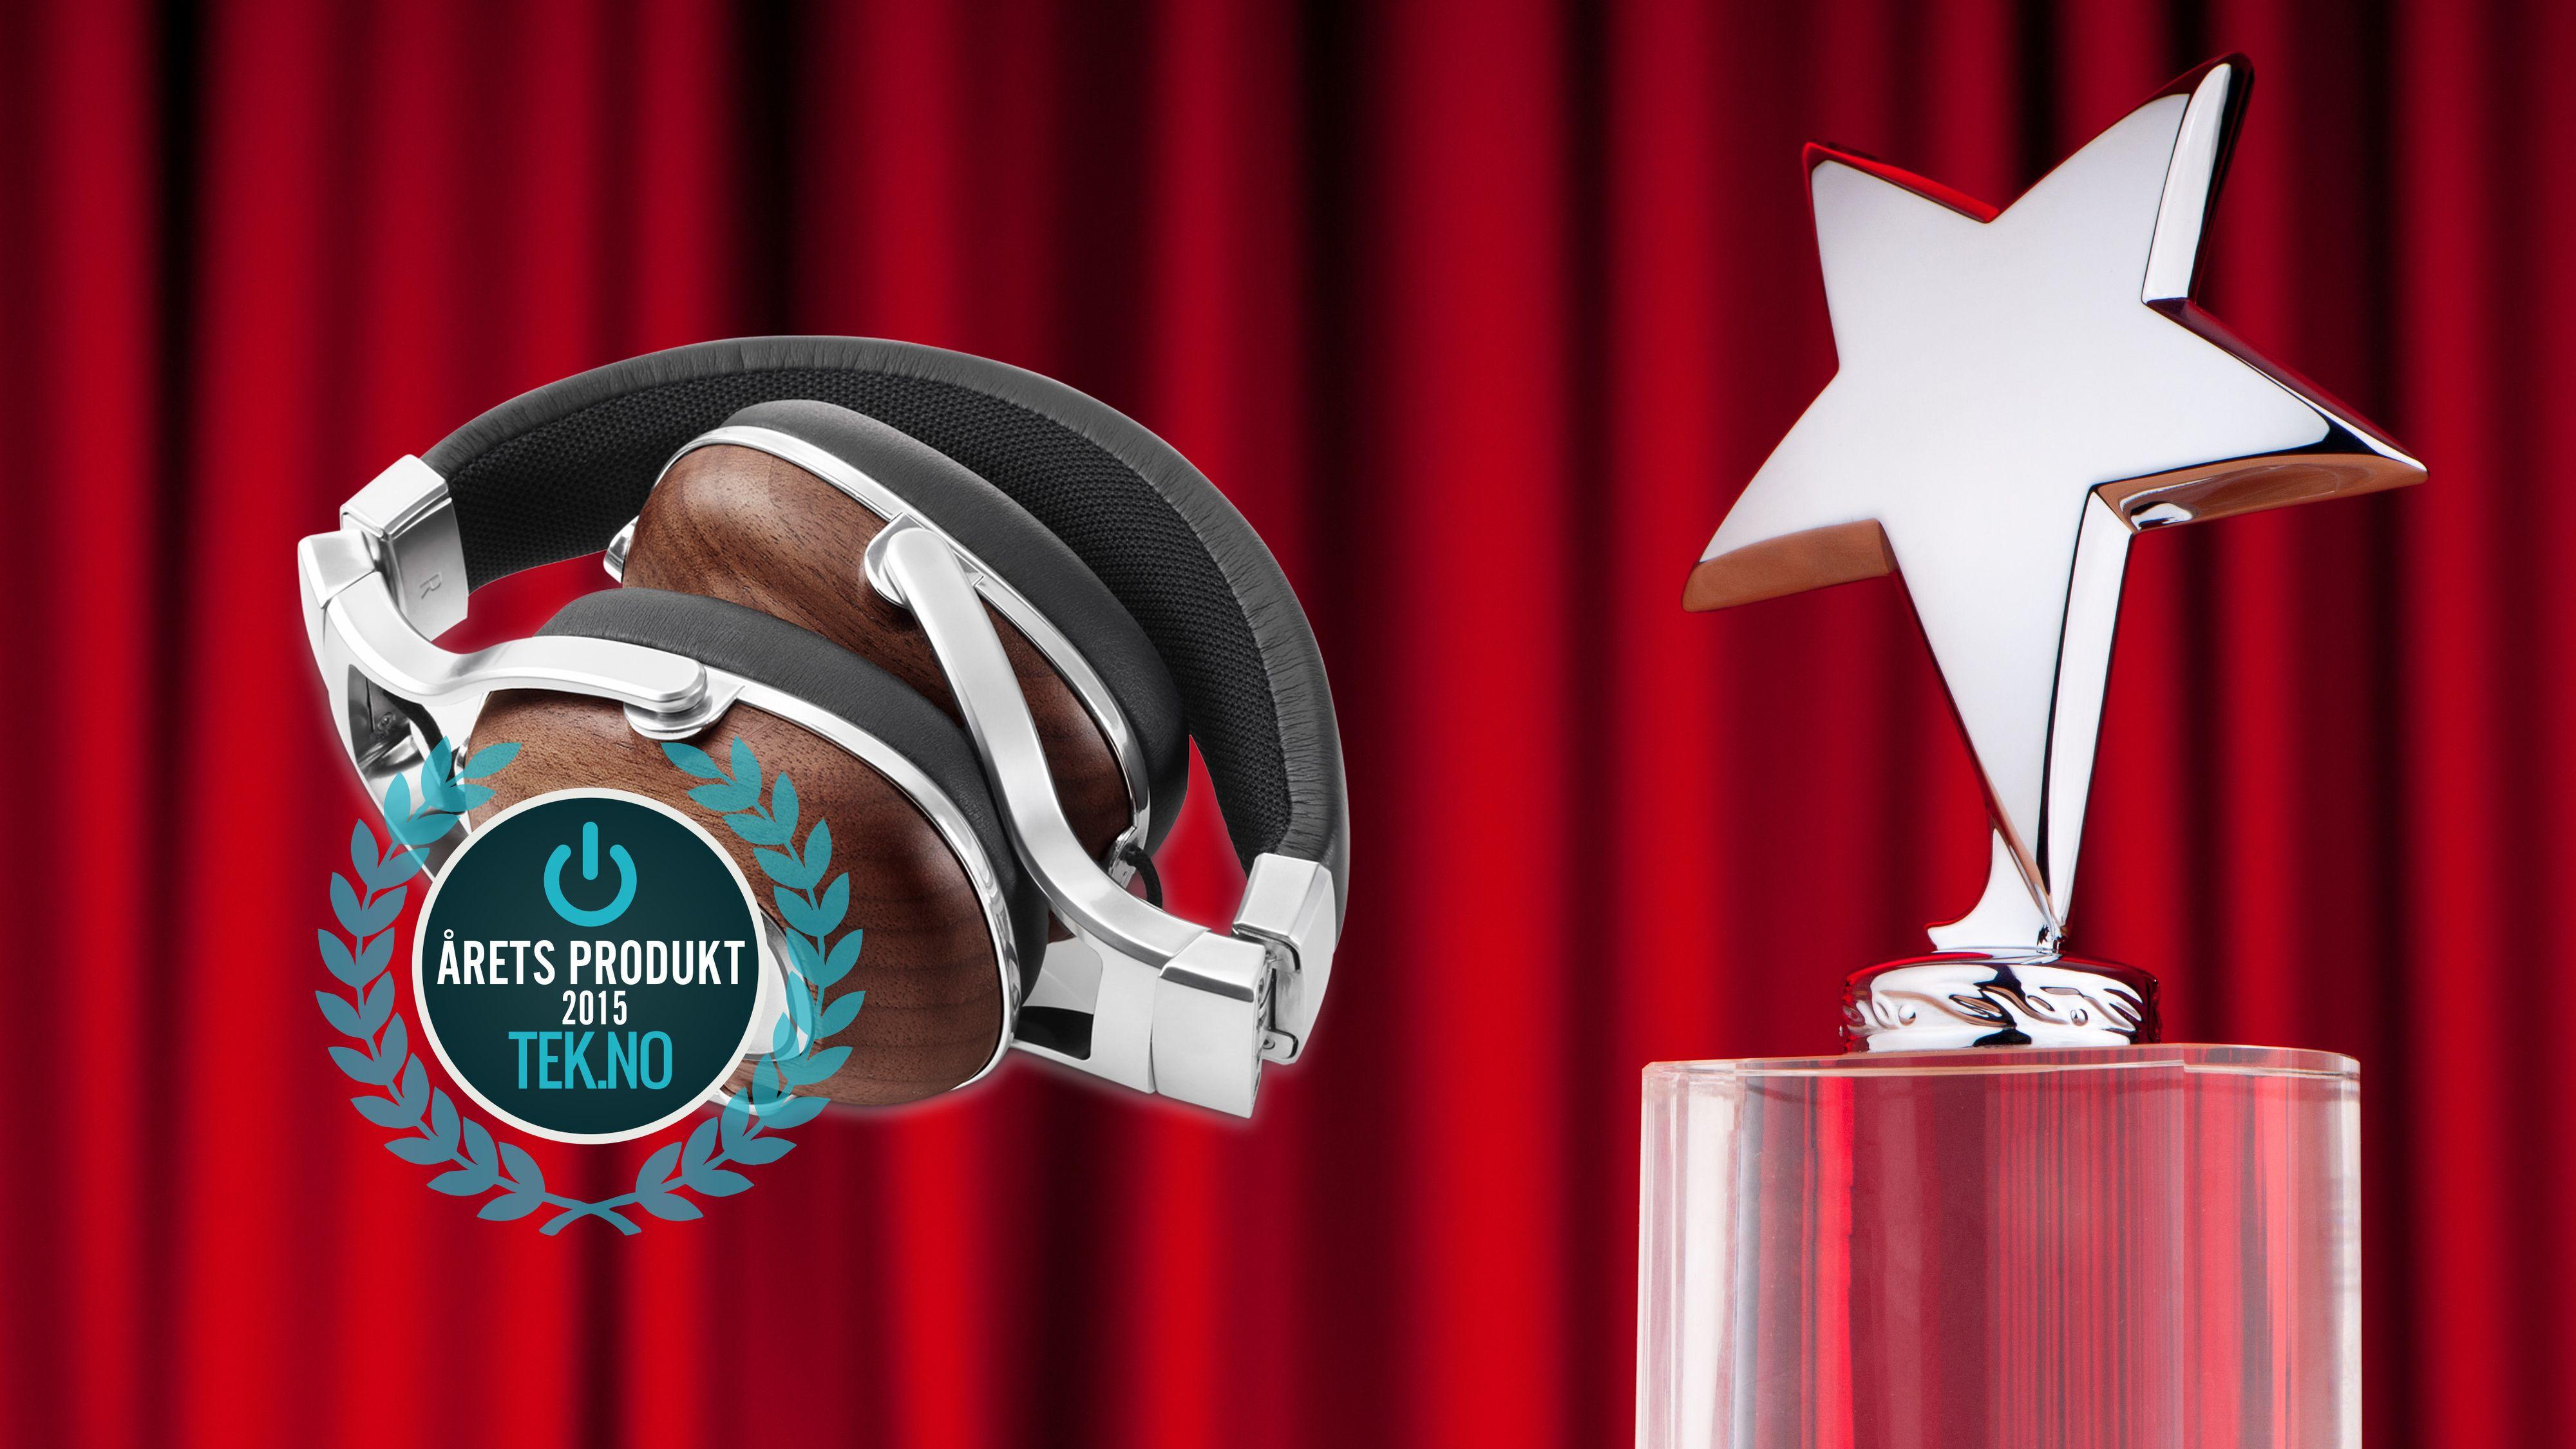 Årets lyd- og bildeprodukter